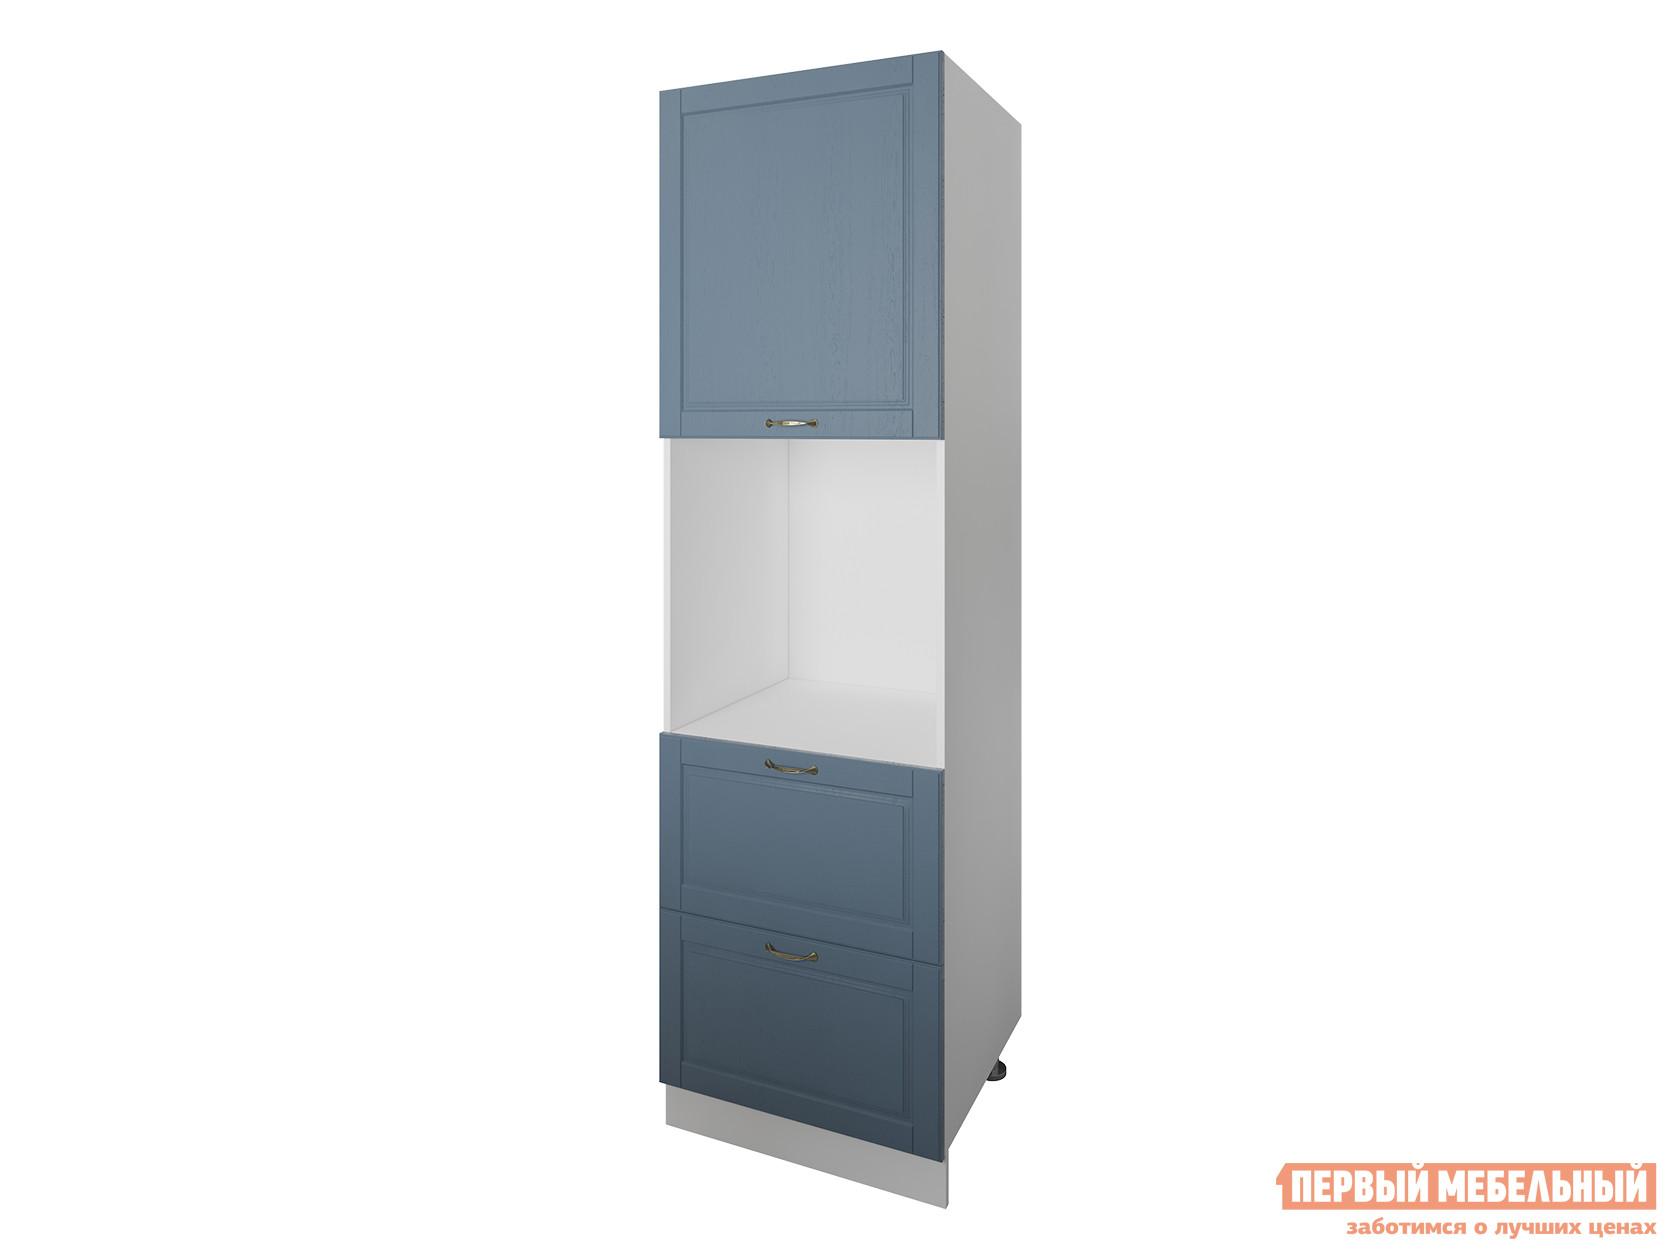 Кухонный модуль Первый Мебельный Пенал Н=200 см с нишей 59,5 см 1 дверь 2 ящика 60 см Палермо